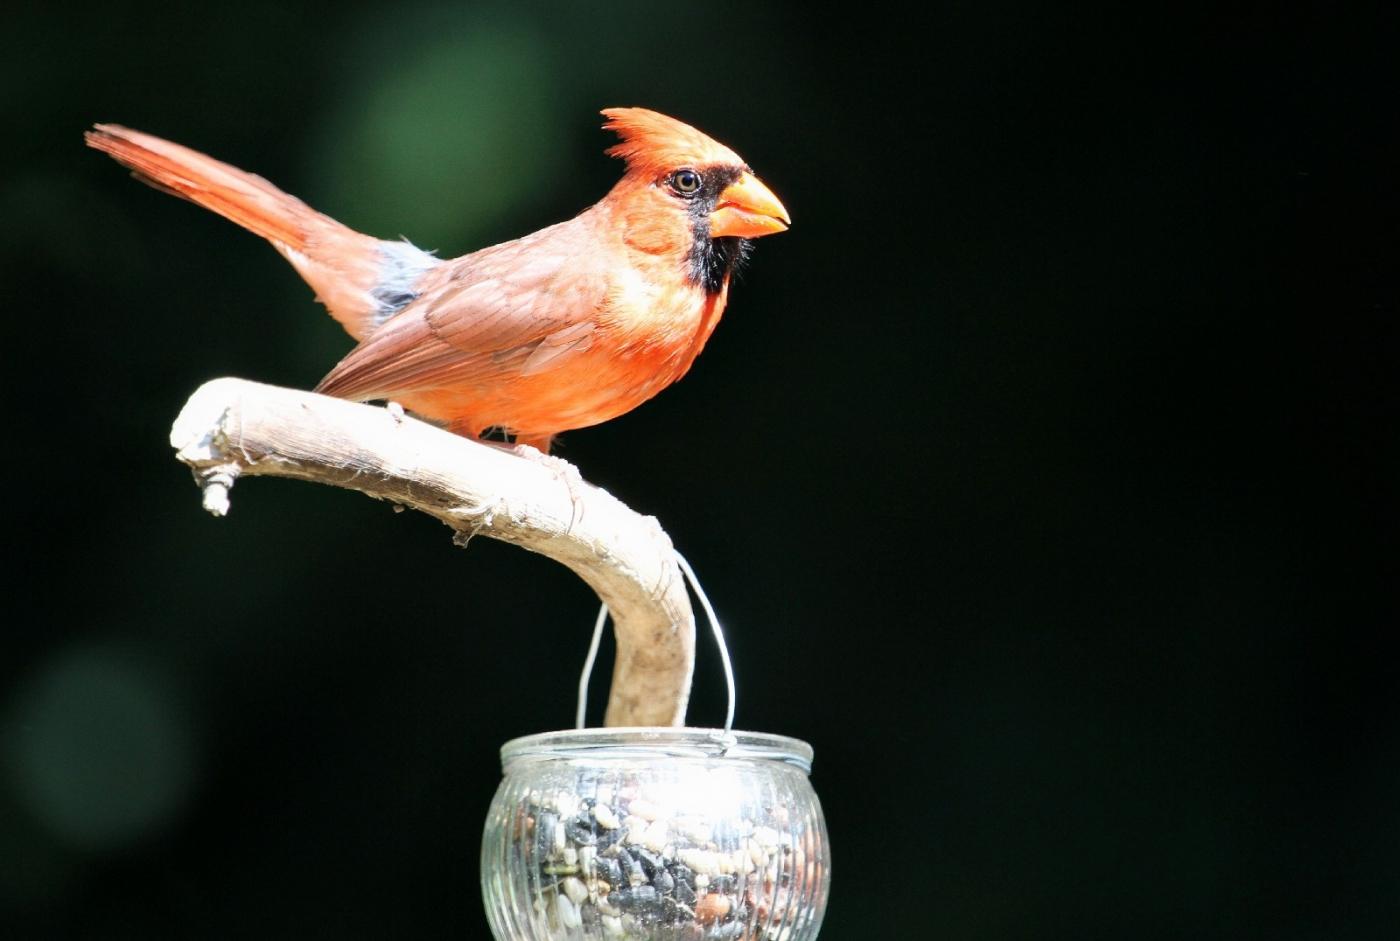 【田螺摄影】做个漂亮的喂鸟器更吸引红衣主教_图1-6